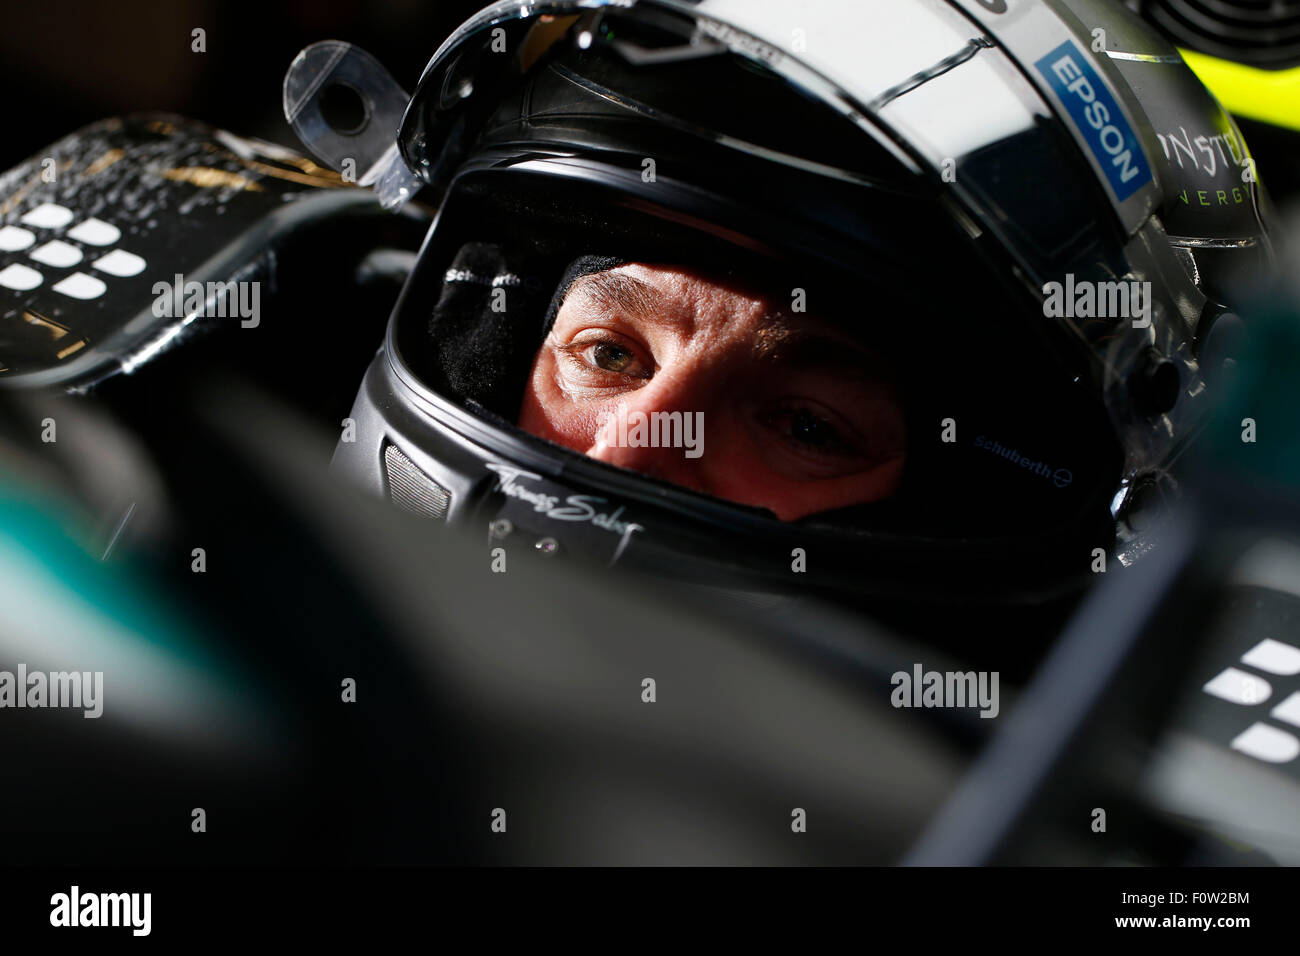 Circuito de Spa-Francorchamps, Bélgica. 21 Aug, 2015. Automovilismo: Campeonato del Mundo de Fórmula Uno Imagen De Stock